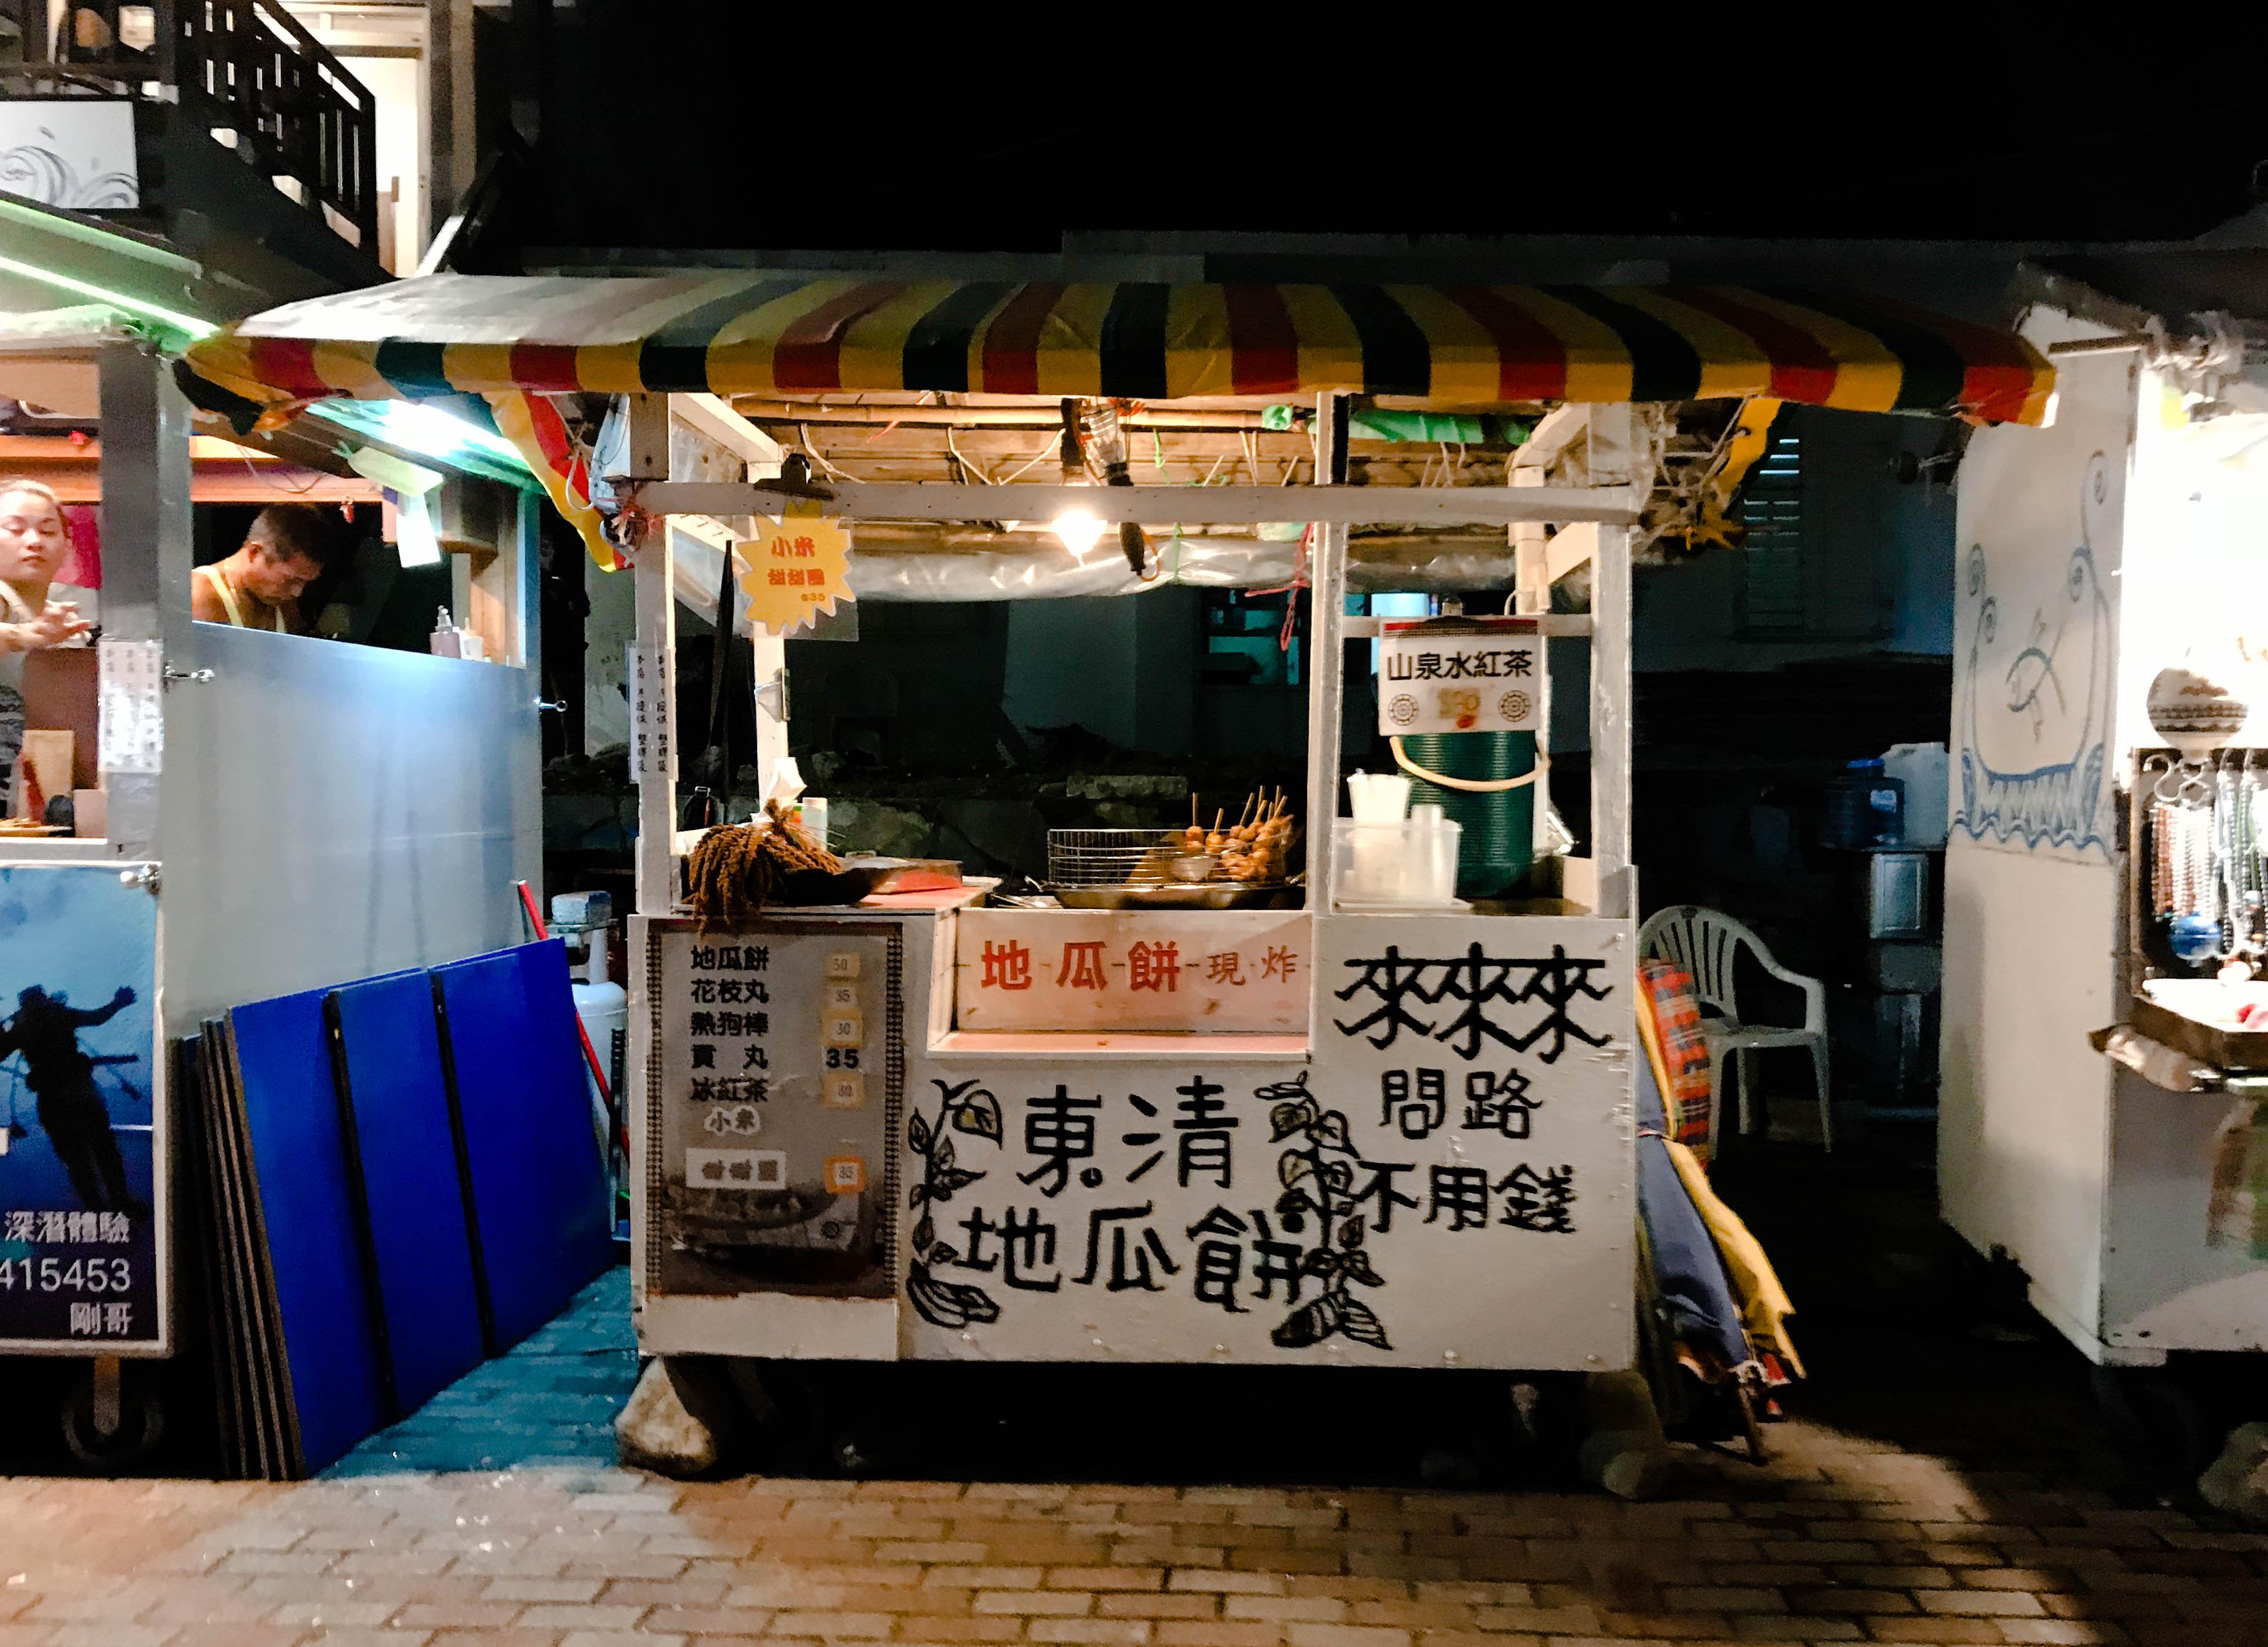 bánh rán xiaomi tại chợ đêm đông thanh